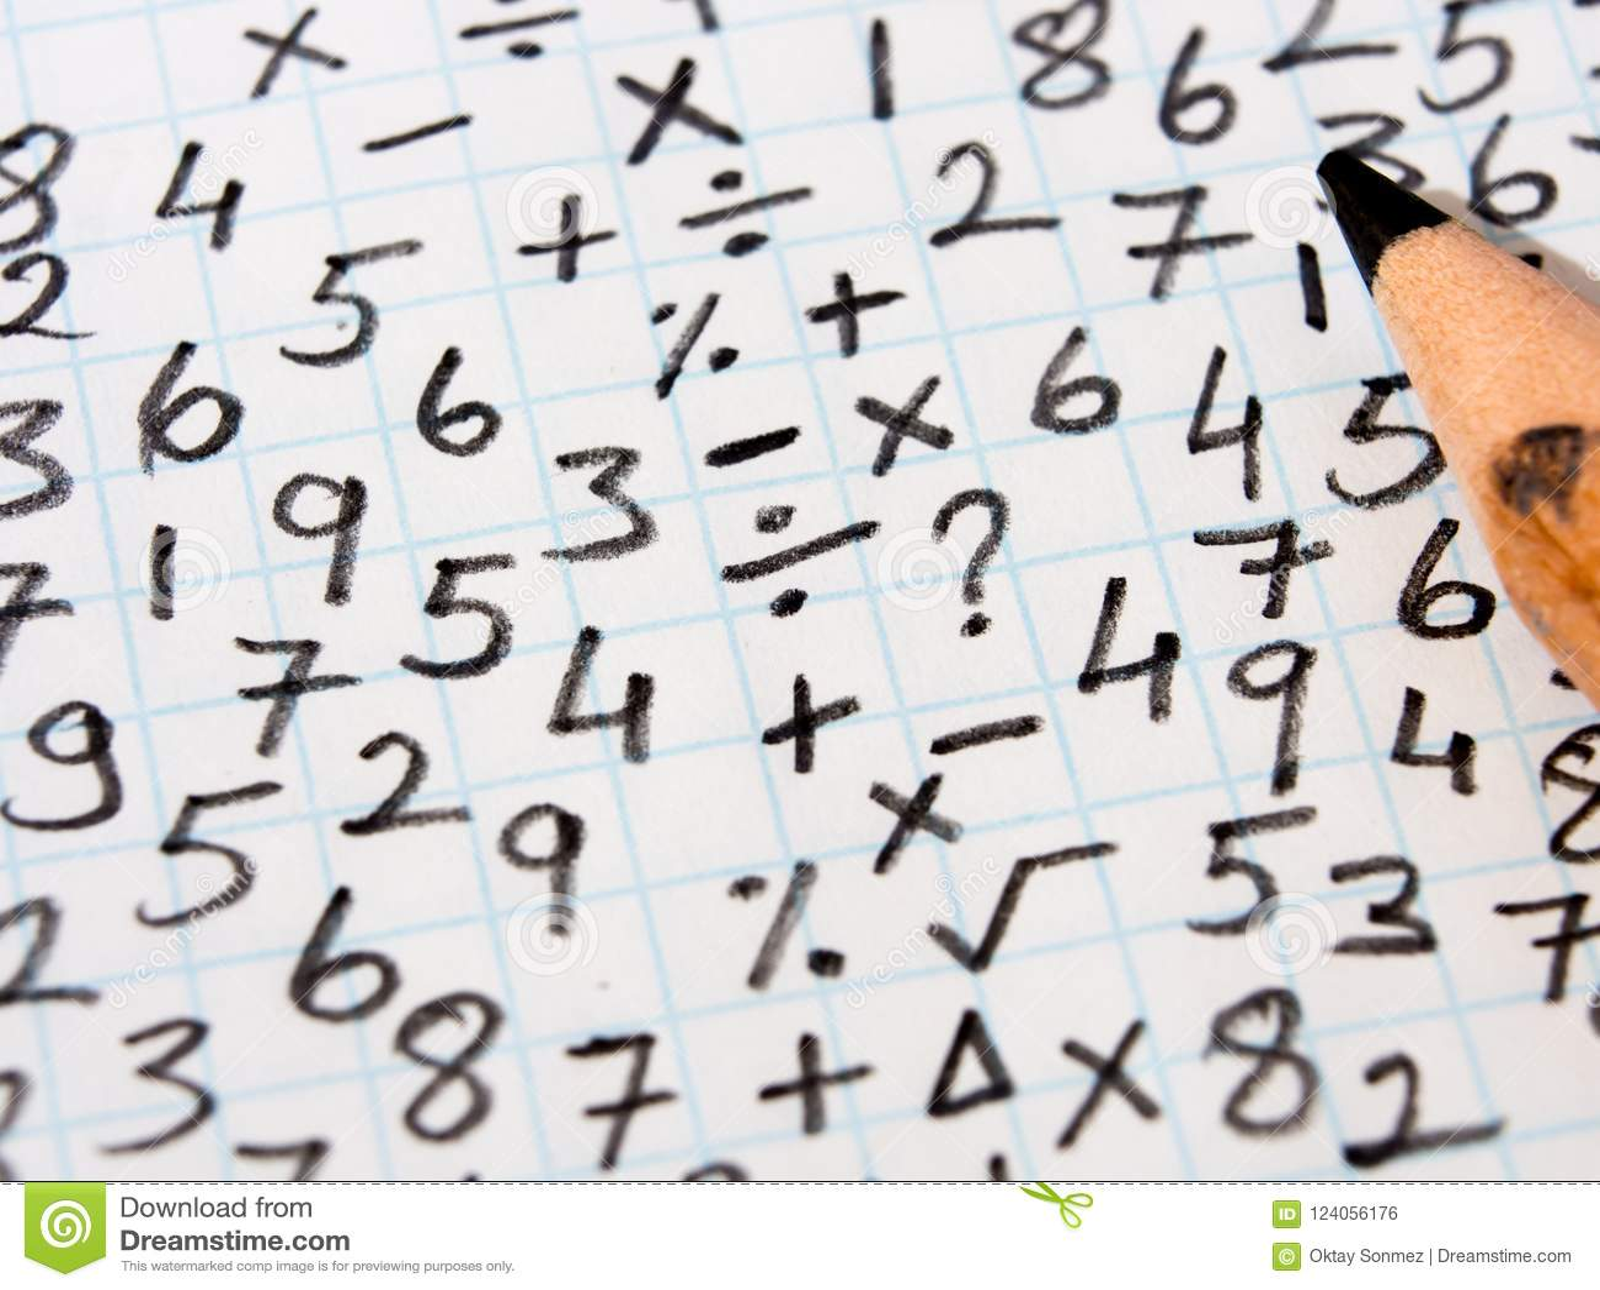 Wiskundige symbolen en probleem het oplossen